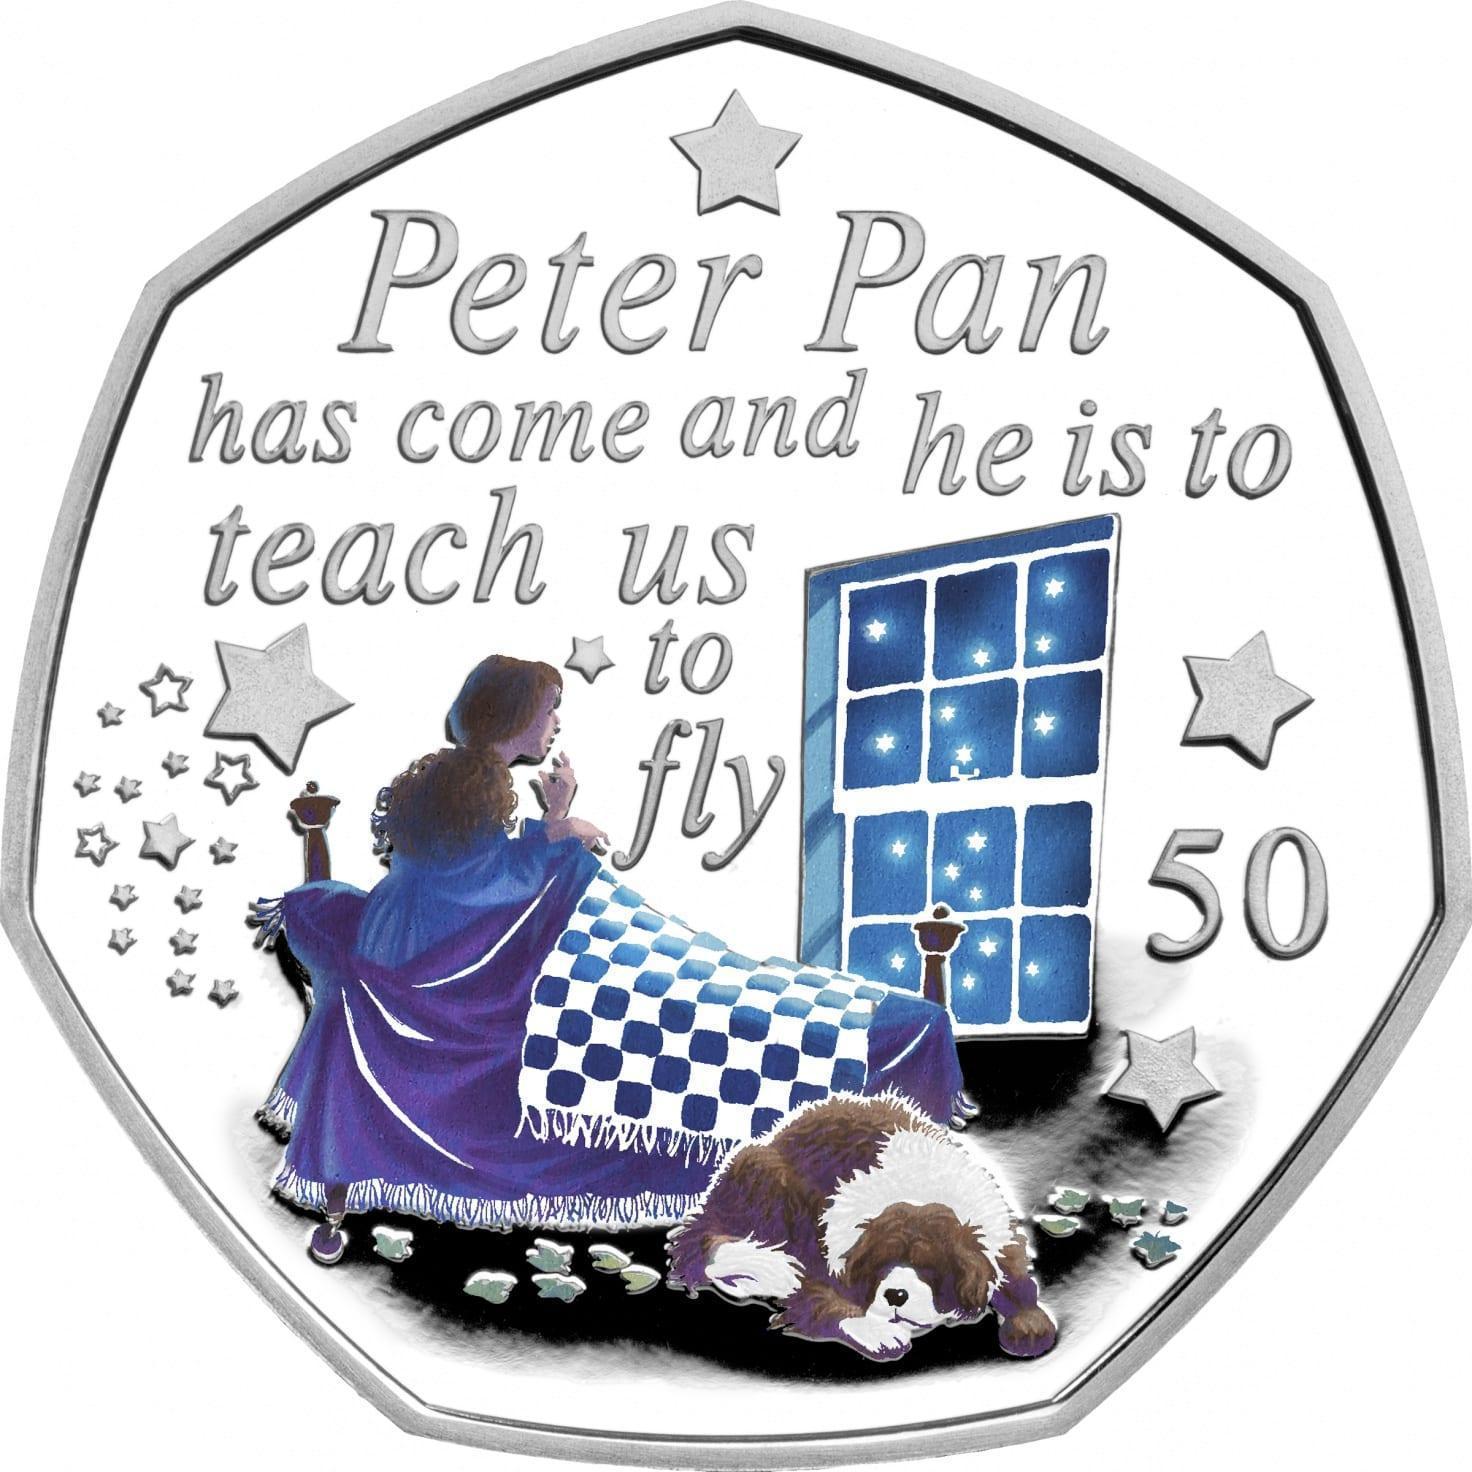 Paddington Bear: New 50p coin enters circulation